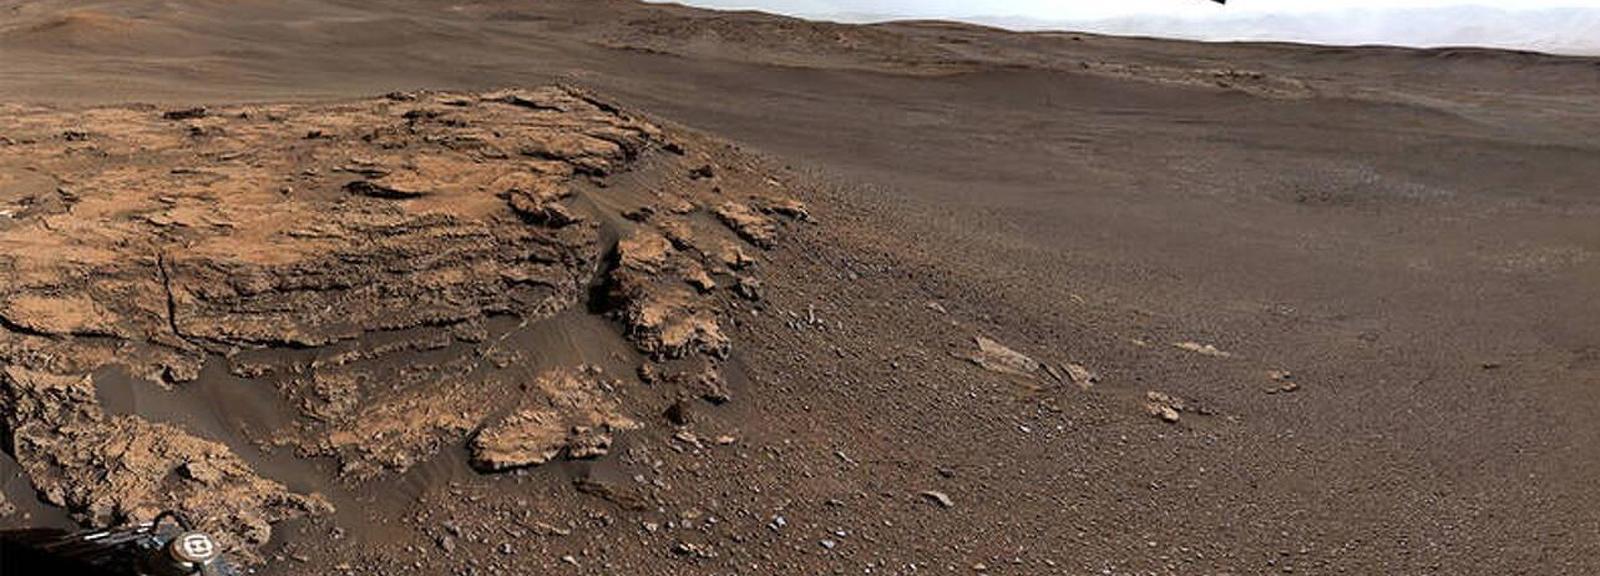 Teal Ridge (Mart) des de la càmera superior del vehicle d'exploració Curiosity